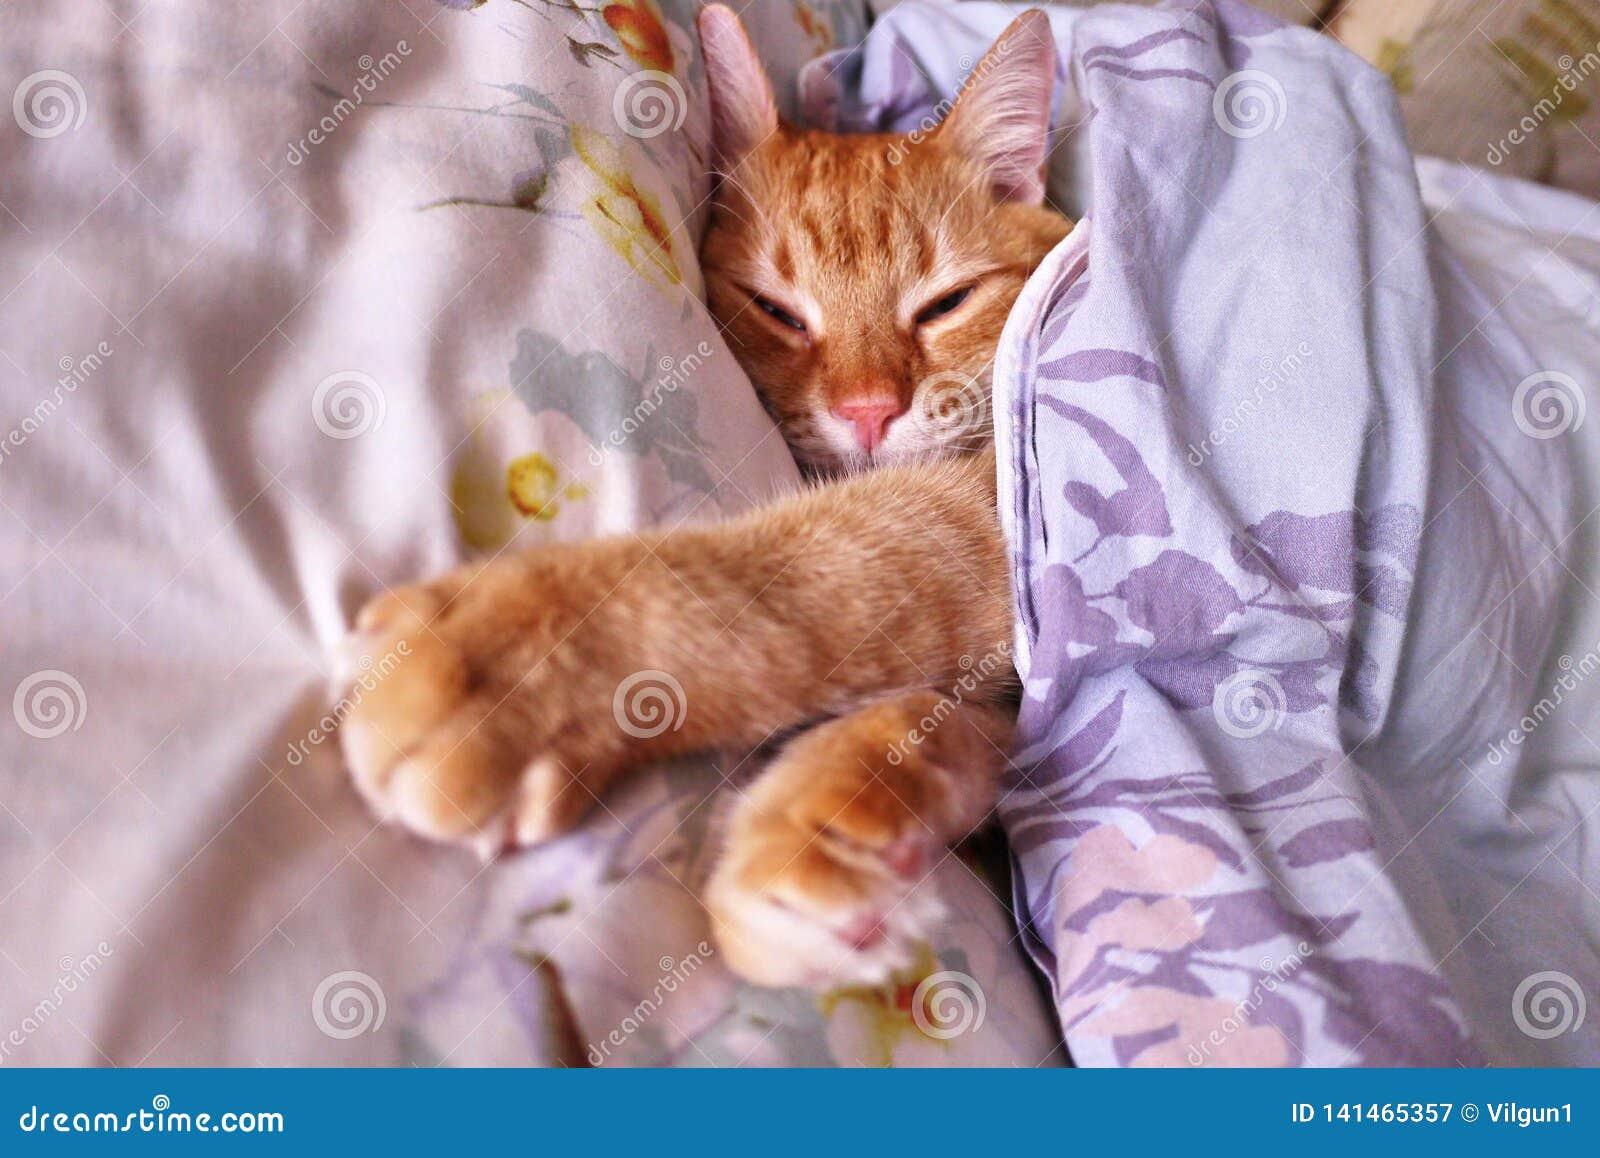 Regard de Sly un gingembre a Chat rouge dormant en position confortable sur le lit